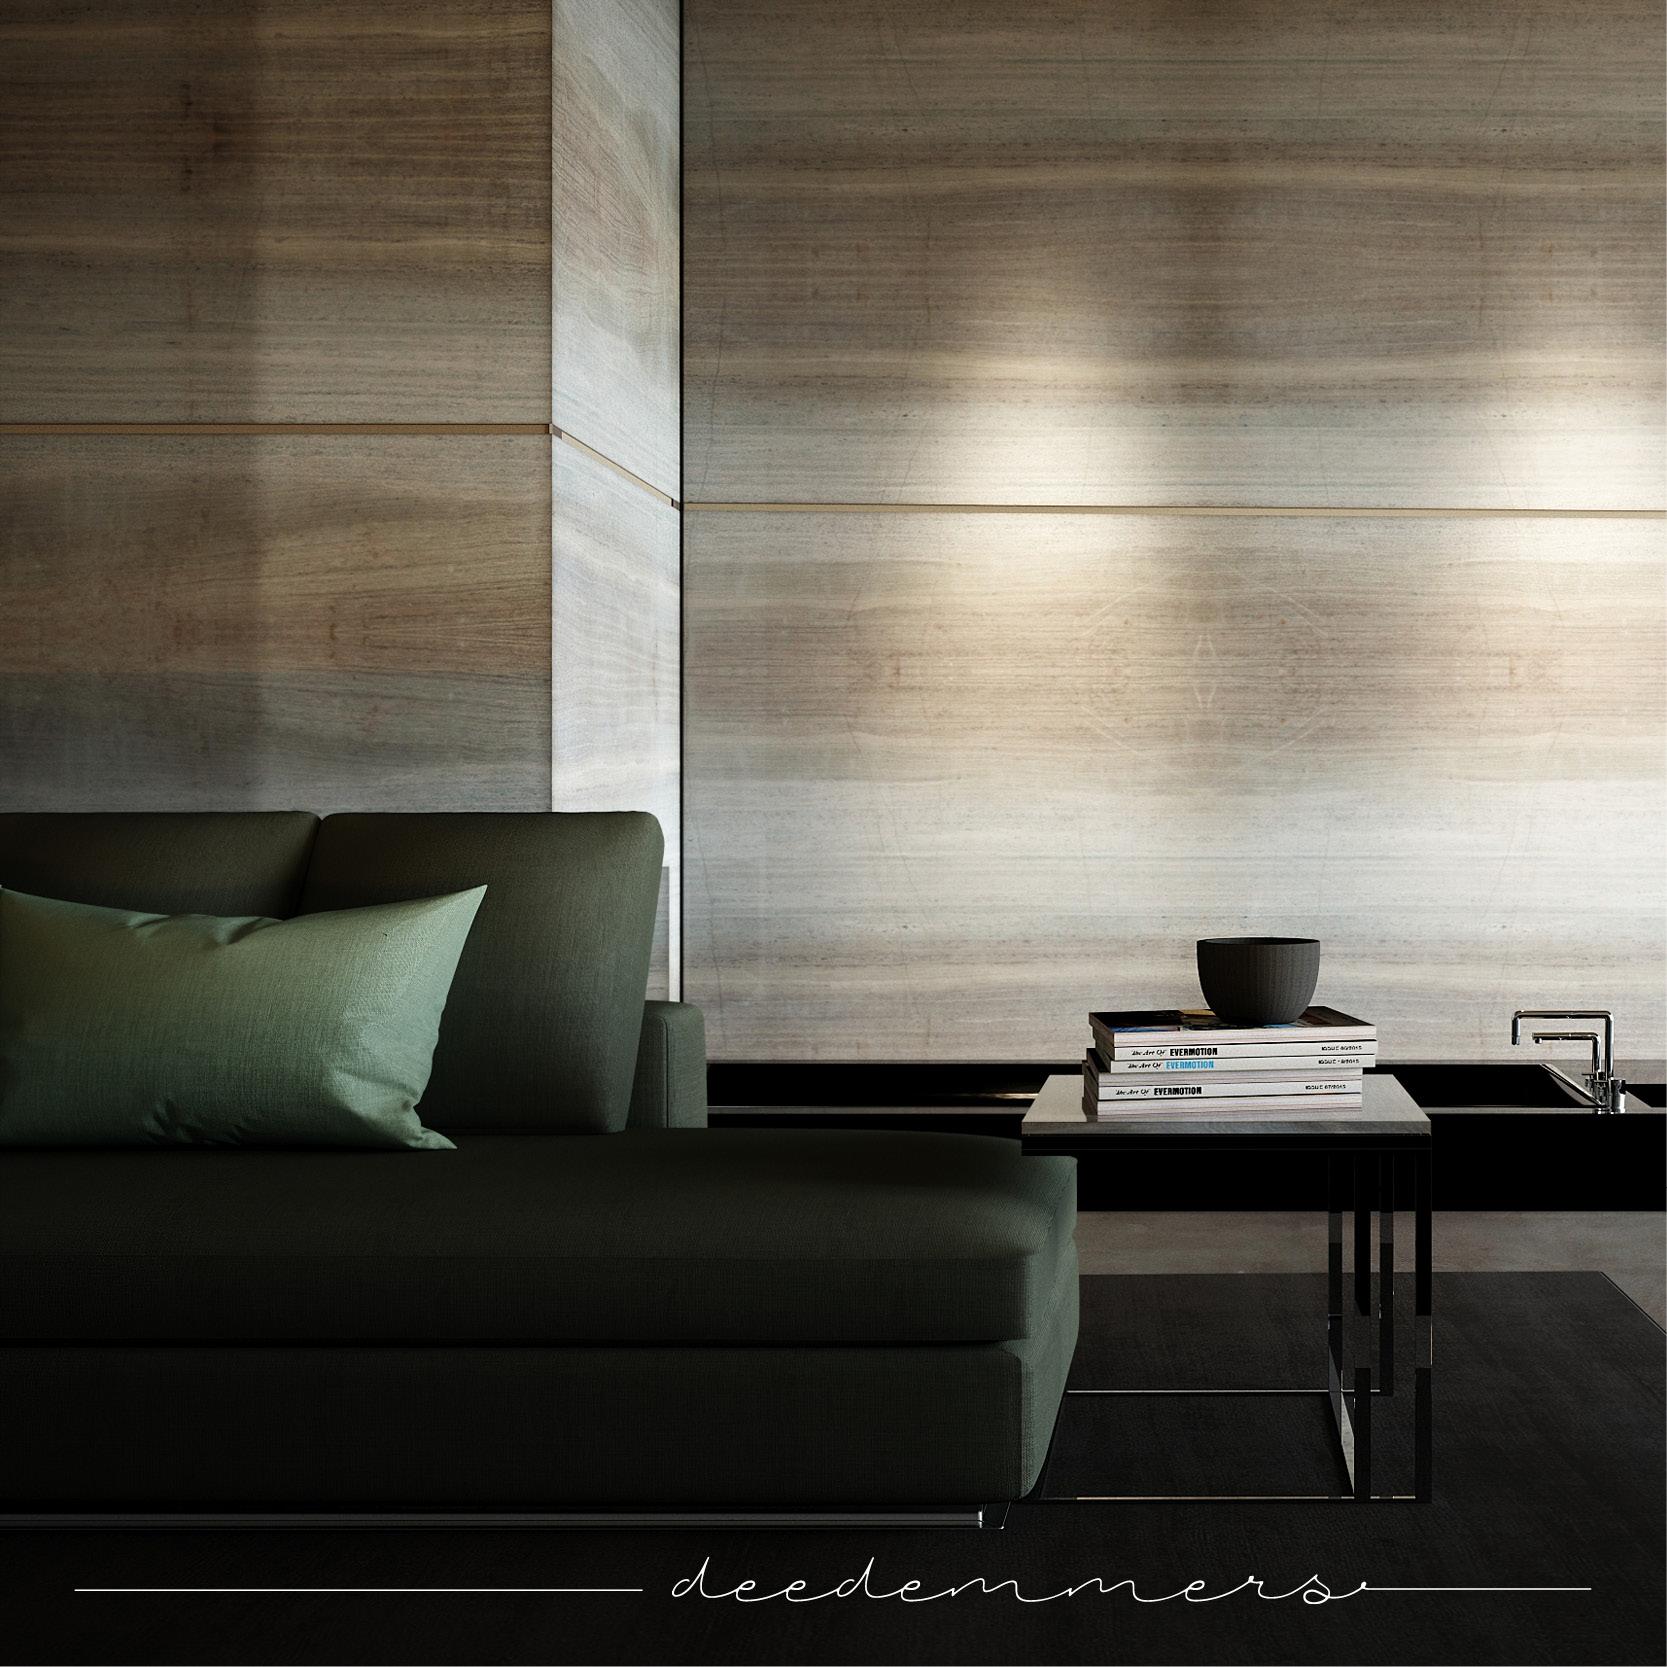 interieur design - Smooth Warmth by Deedemmers